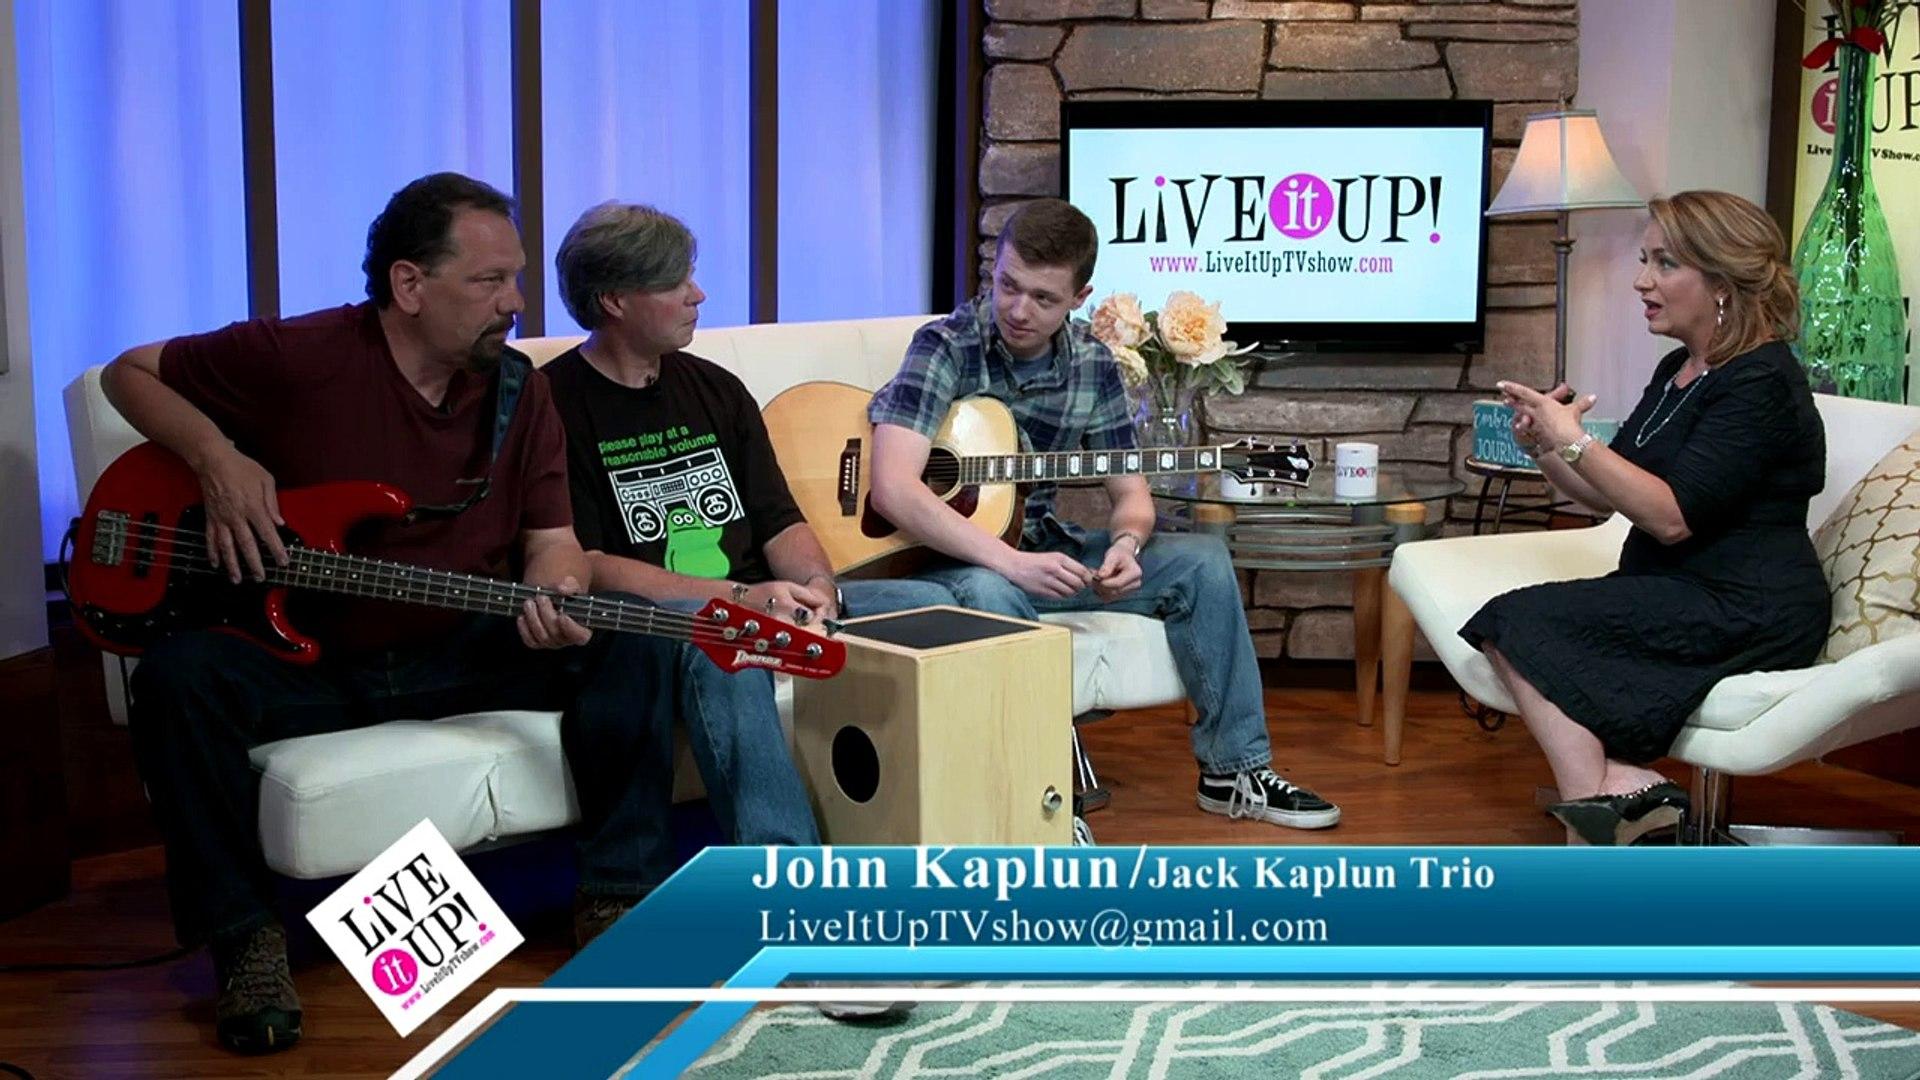 Jack Kaplun Trio